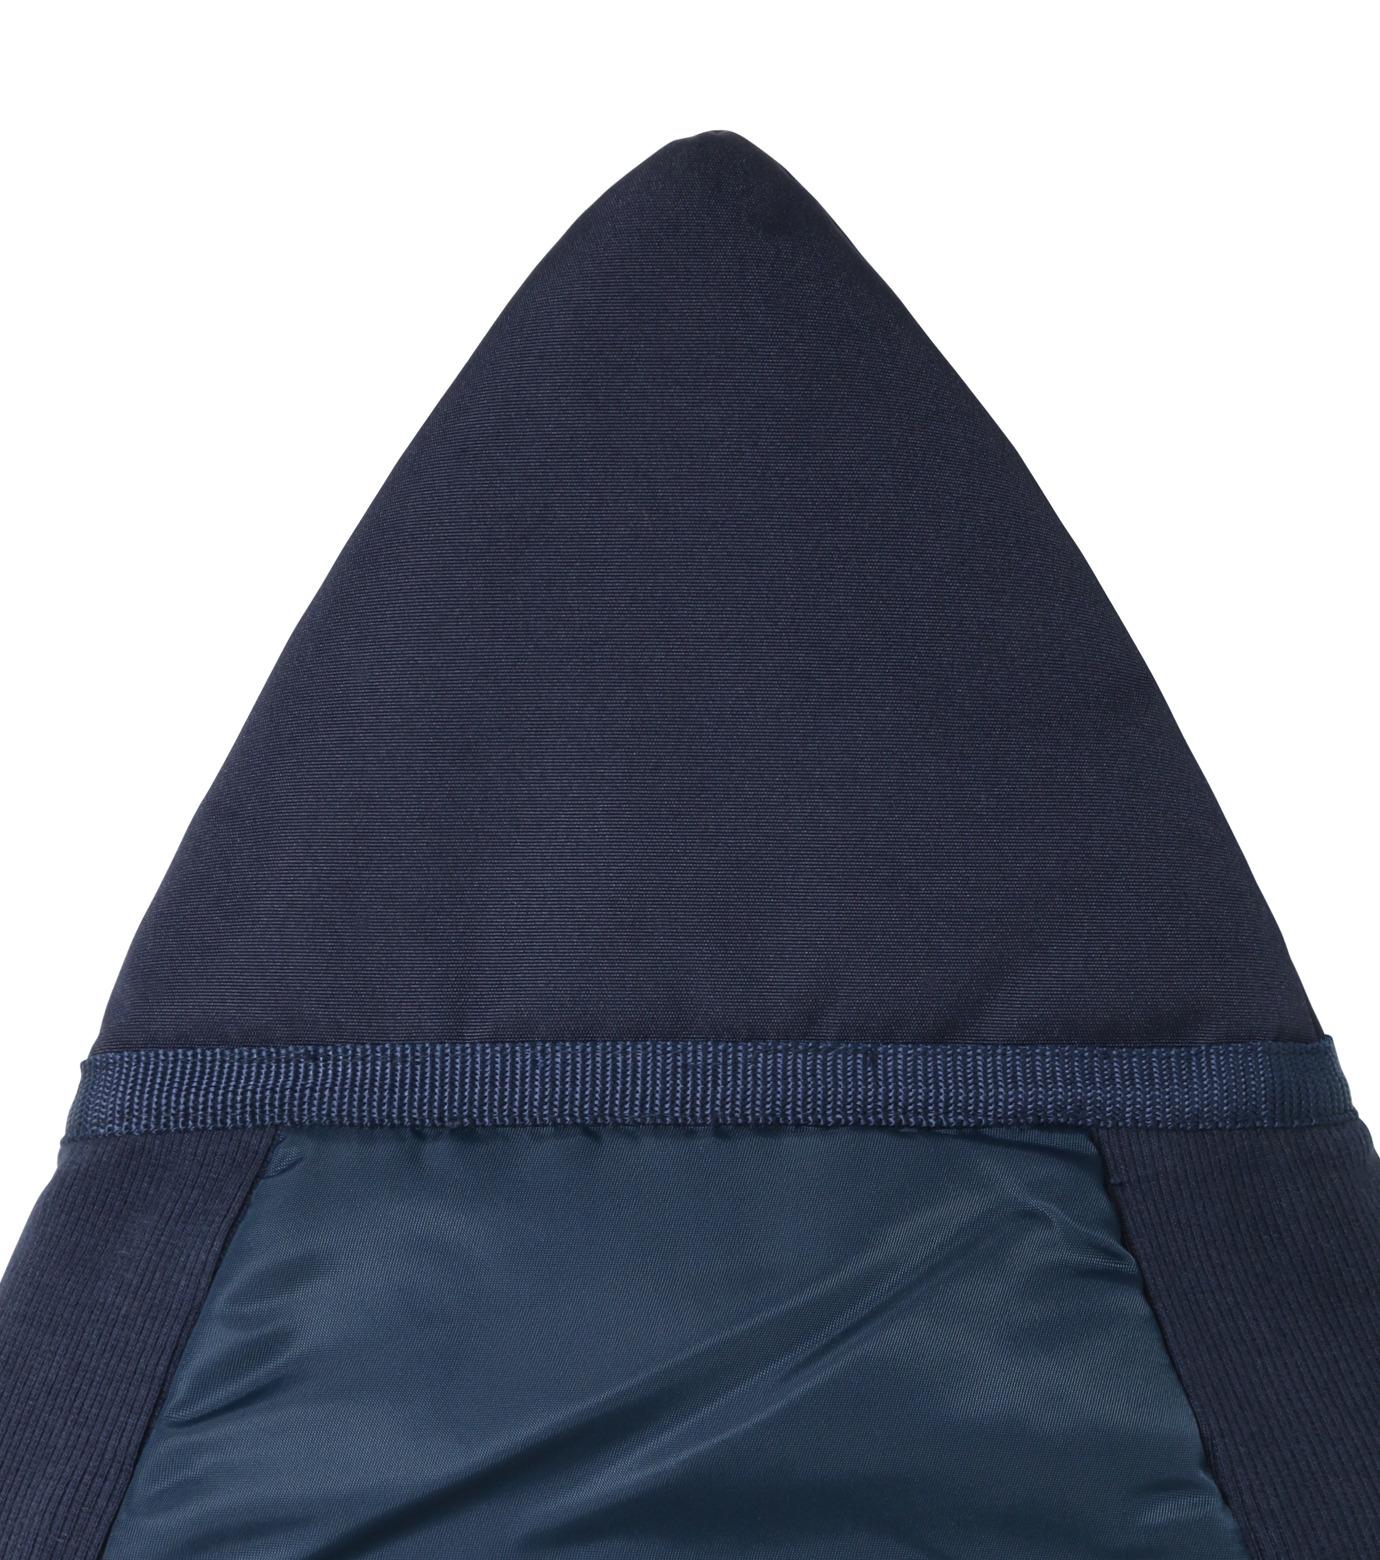 HEY YOU !(ヘイユウ)のSurfboard Jacket Short-NAVY(サーフ/OUTDOOR/surf/OUTDOOR)-18S90007-93 拡大詳細画像2